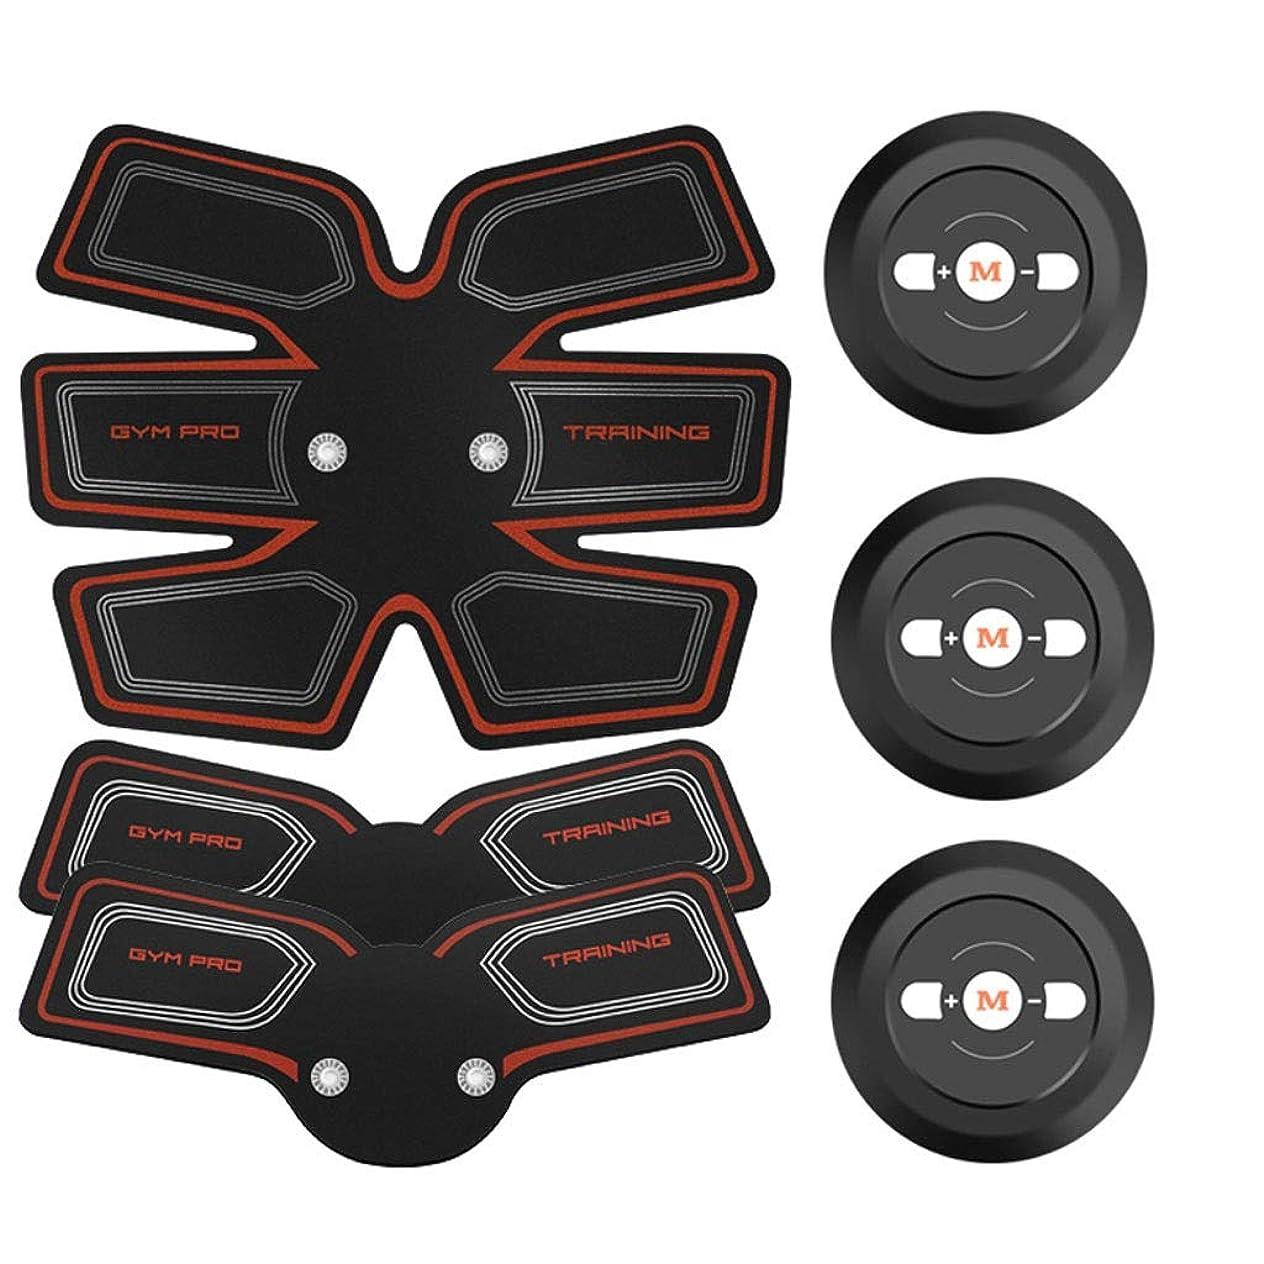 行進重なるうれしいEMS ABSトレーナー、腹部調色ベルト、EMSマッスルスティミュレーター、マッスルトナーフィットネストレーニングギア(男性用)女性腹部アームレッグトレーナー(オフィス用) (Color : Red, Size : 2B+A)